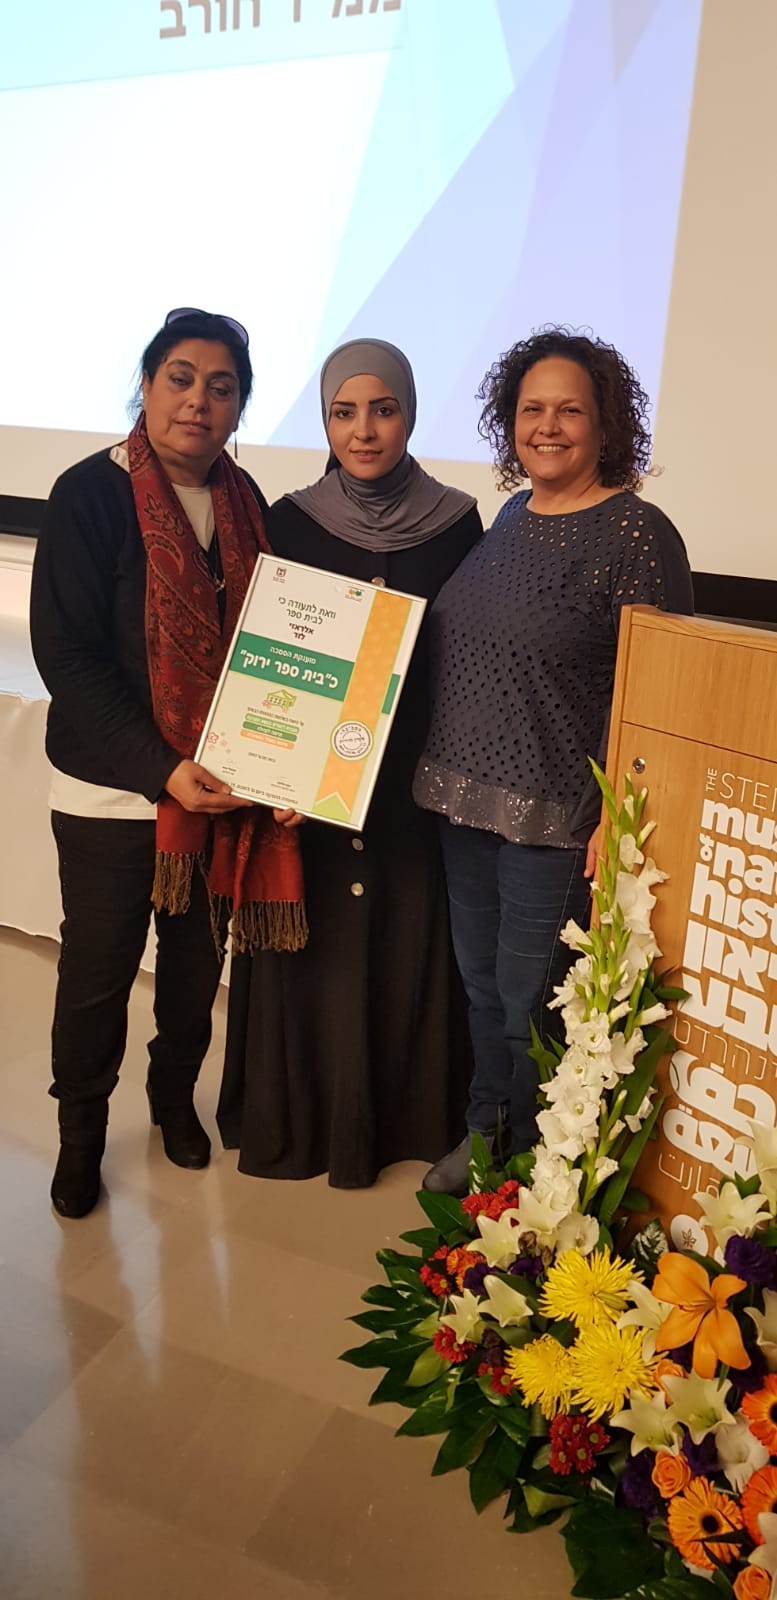 """اللد : مدرسة الرازي الابتدائية تفوز بجائزة """" مدرسة خضراء"""""""